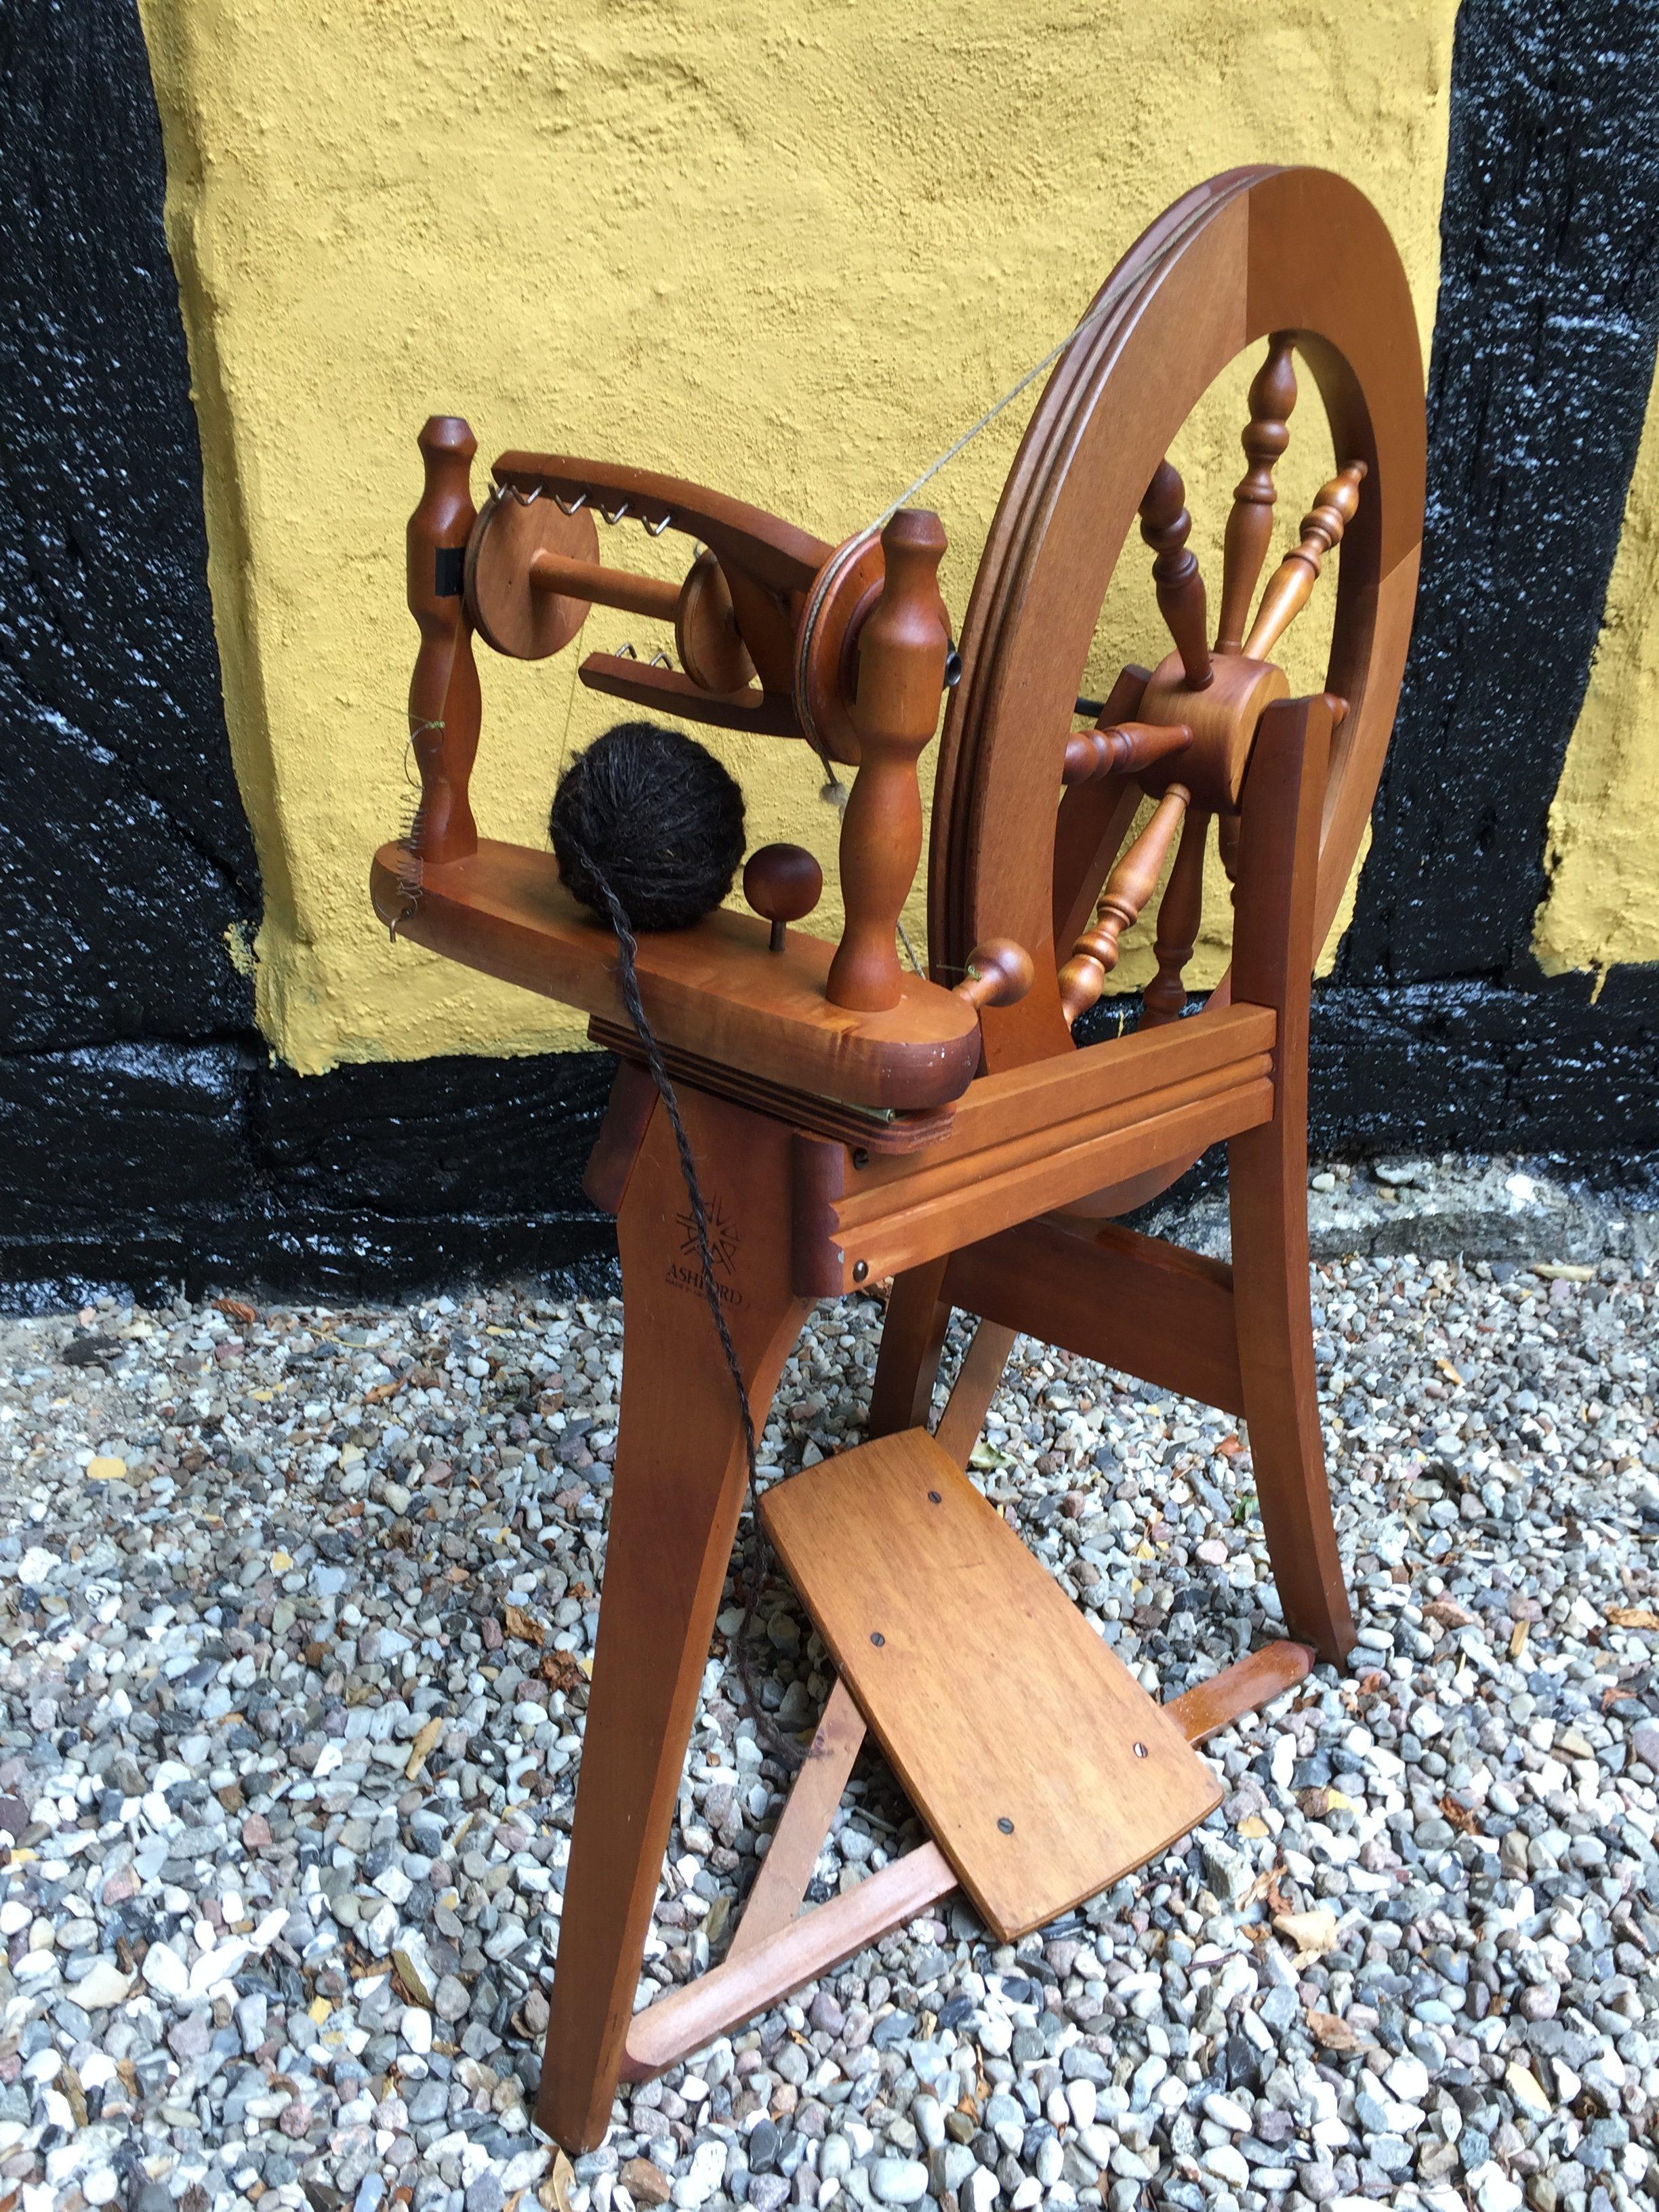 At lære et nyt gammelt håndværk